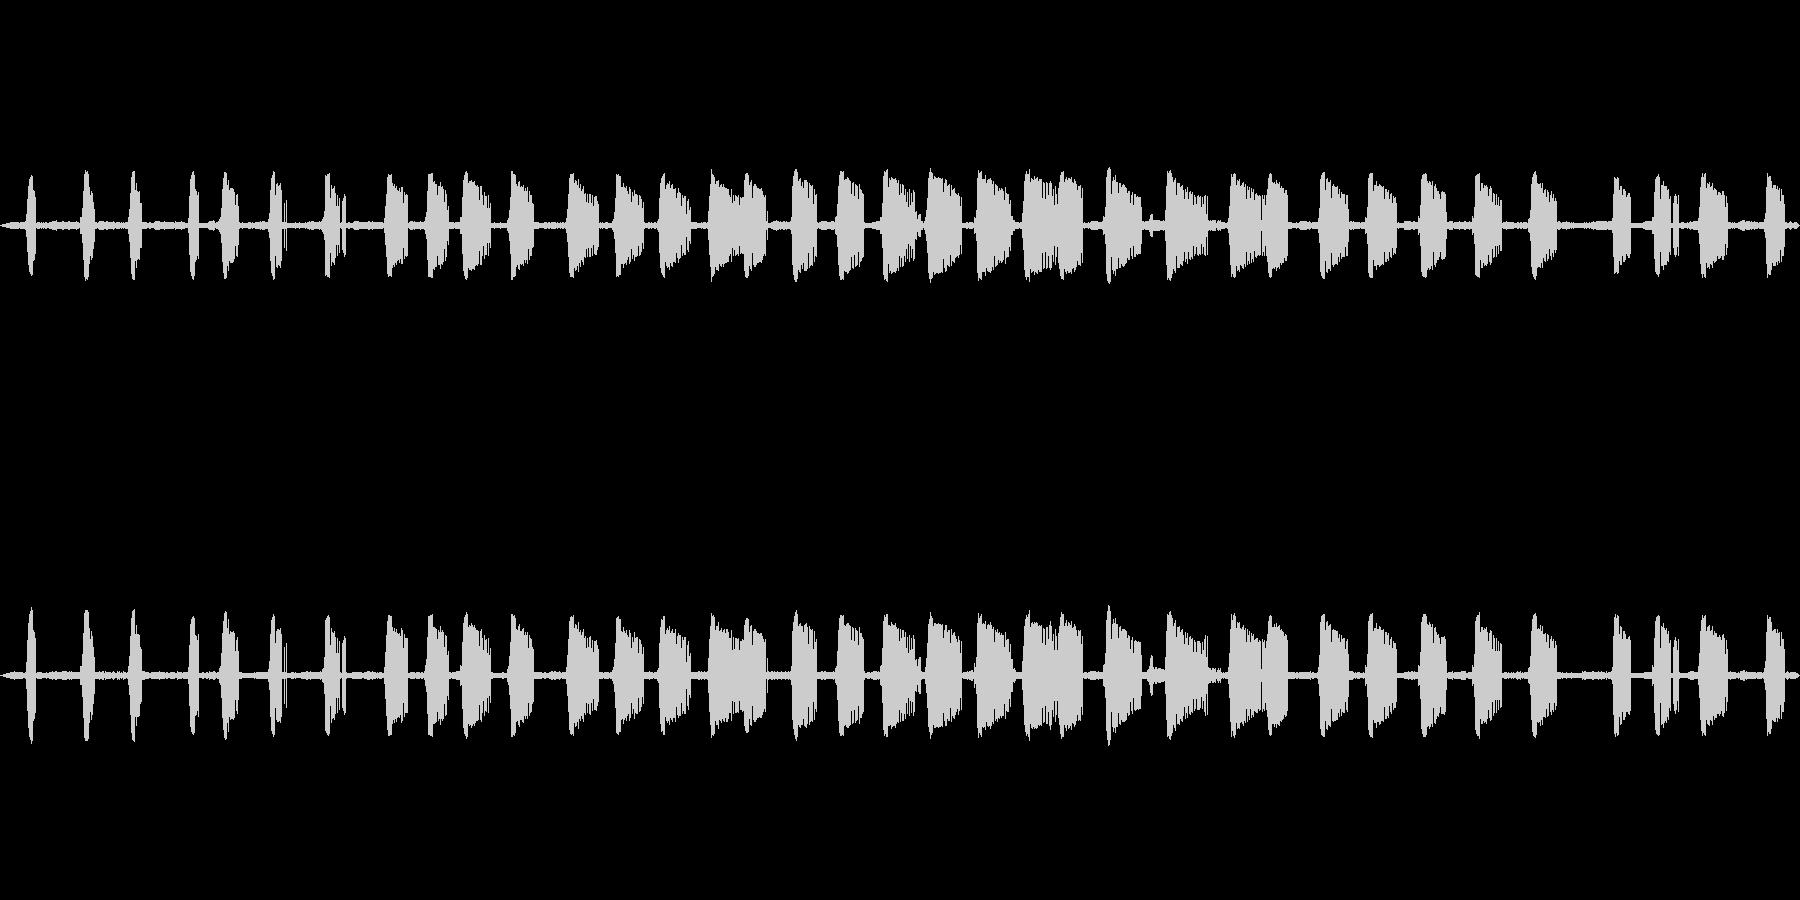 【初秋】コオロギの鳴き声 生音の未再生の波形